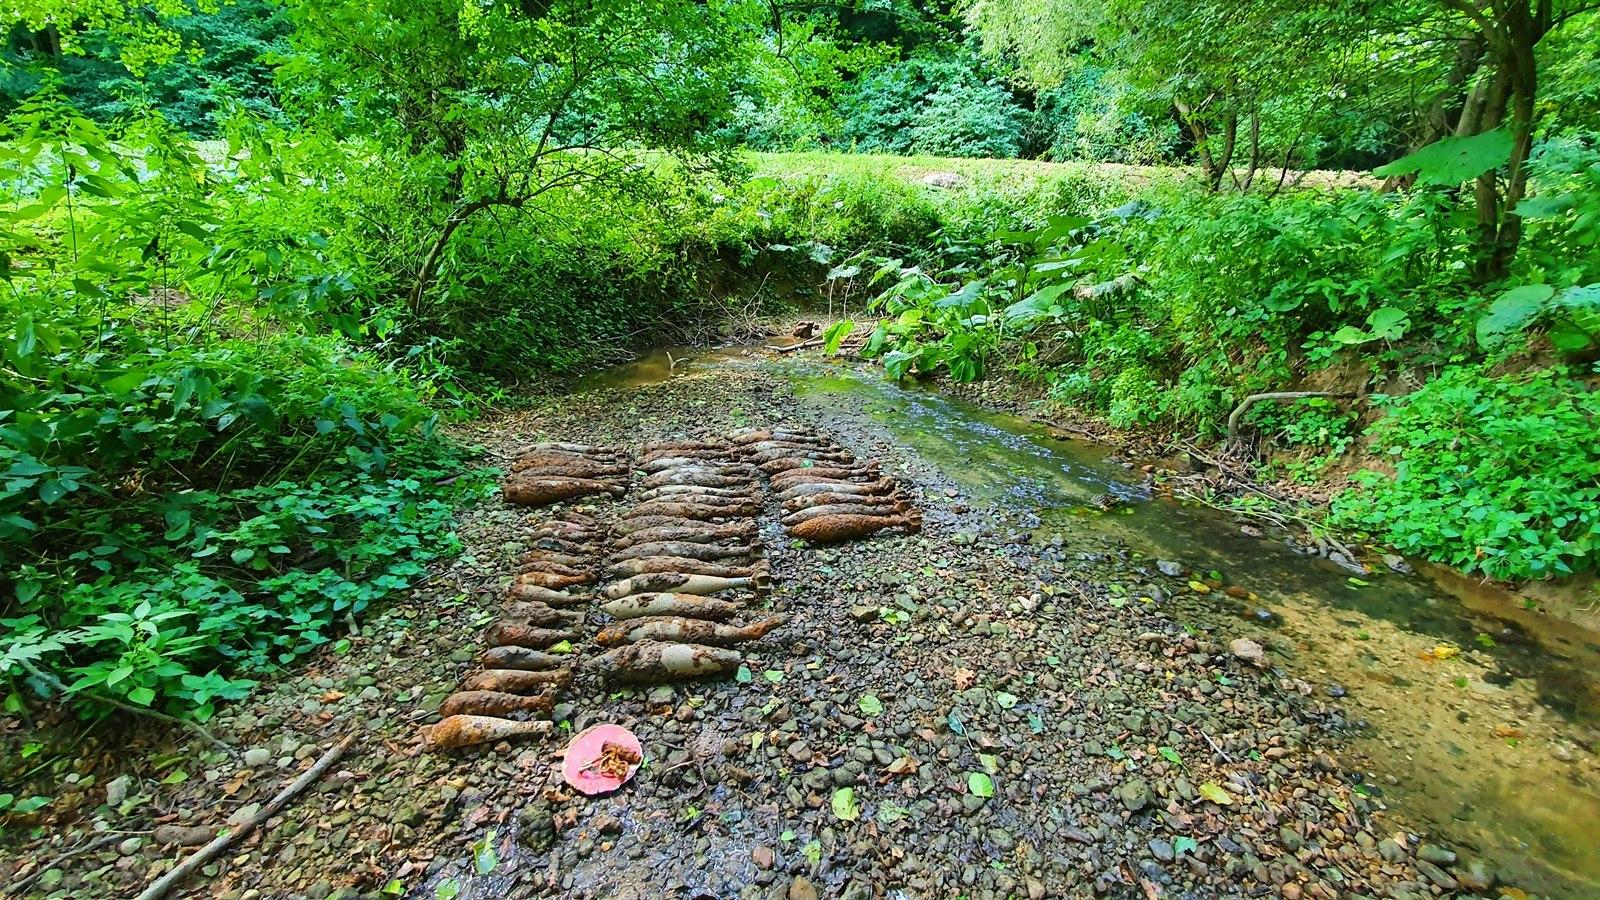 Halnak látszó tárgyak: több mint 50 világháborús bombát találtak egy bakonyi patakban